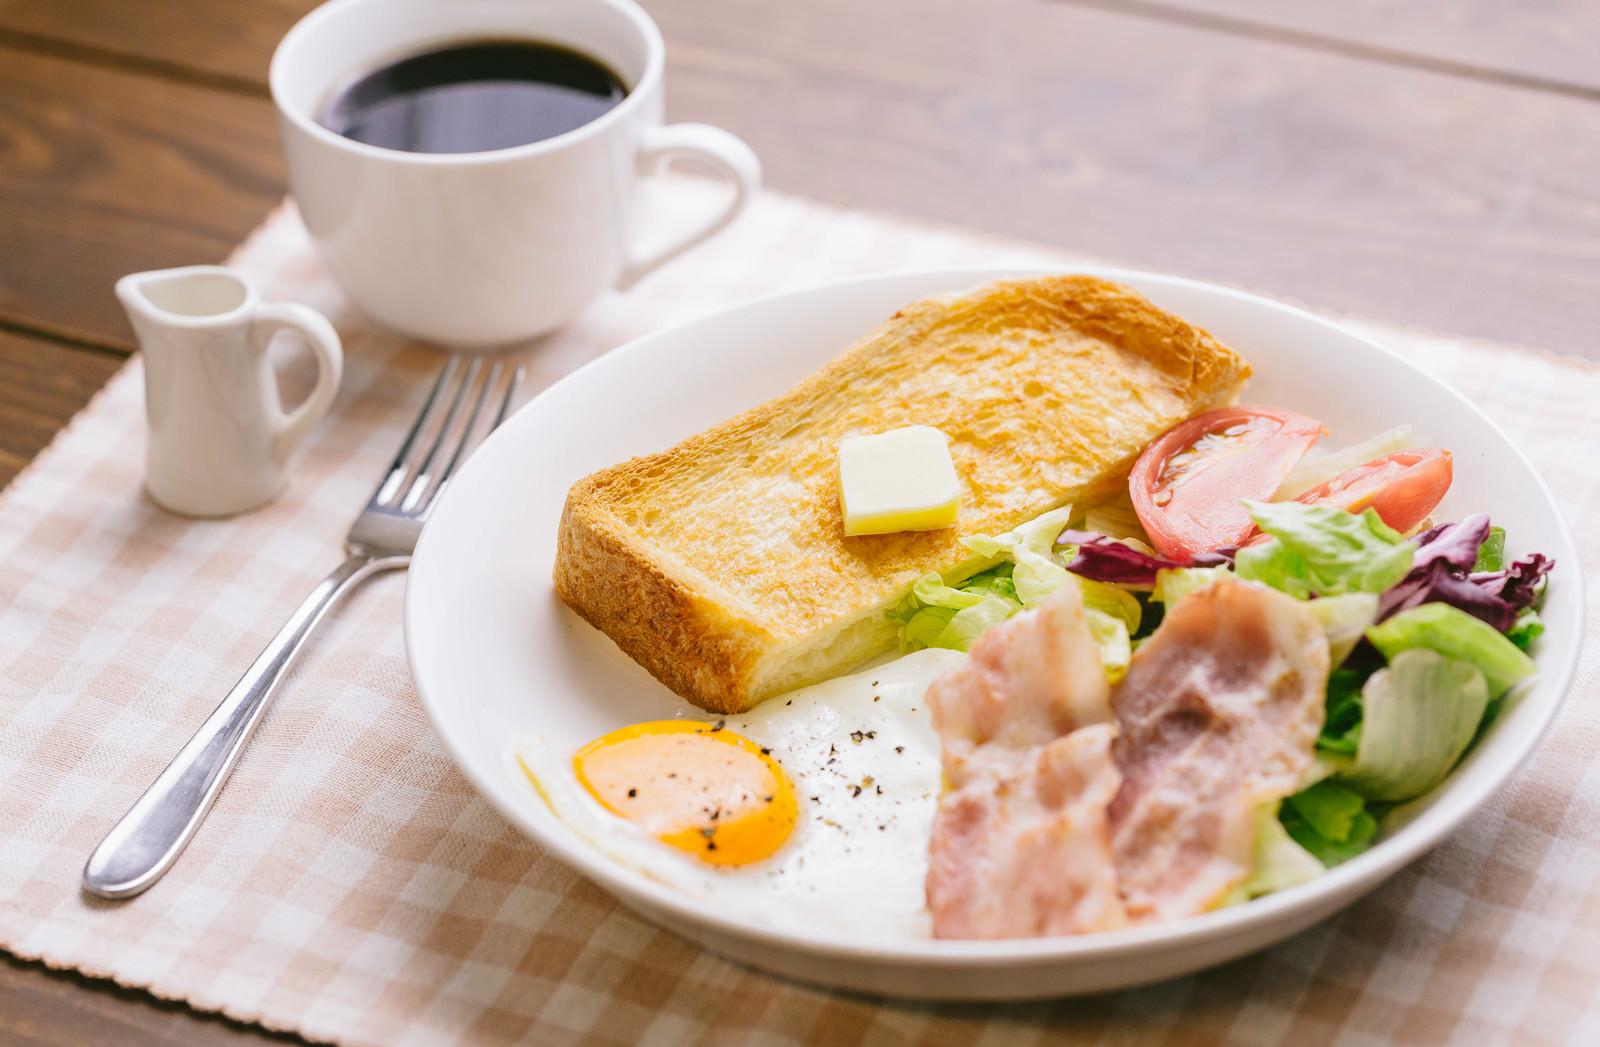 「朝食をしっかり食べて仕事をしましょう朝食をしっかり食べて仕事をしましょう」のフリー写真素材を拡大